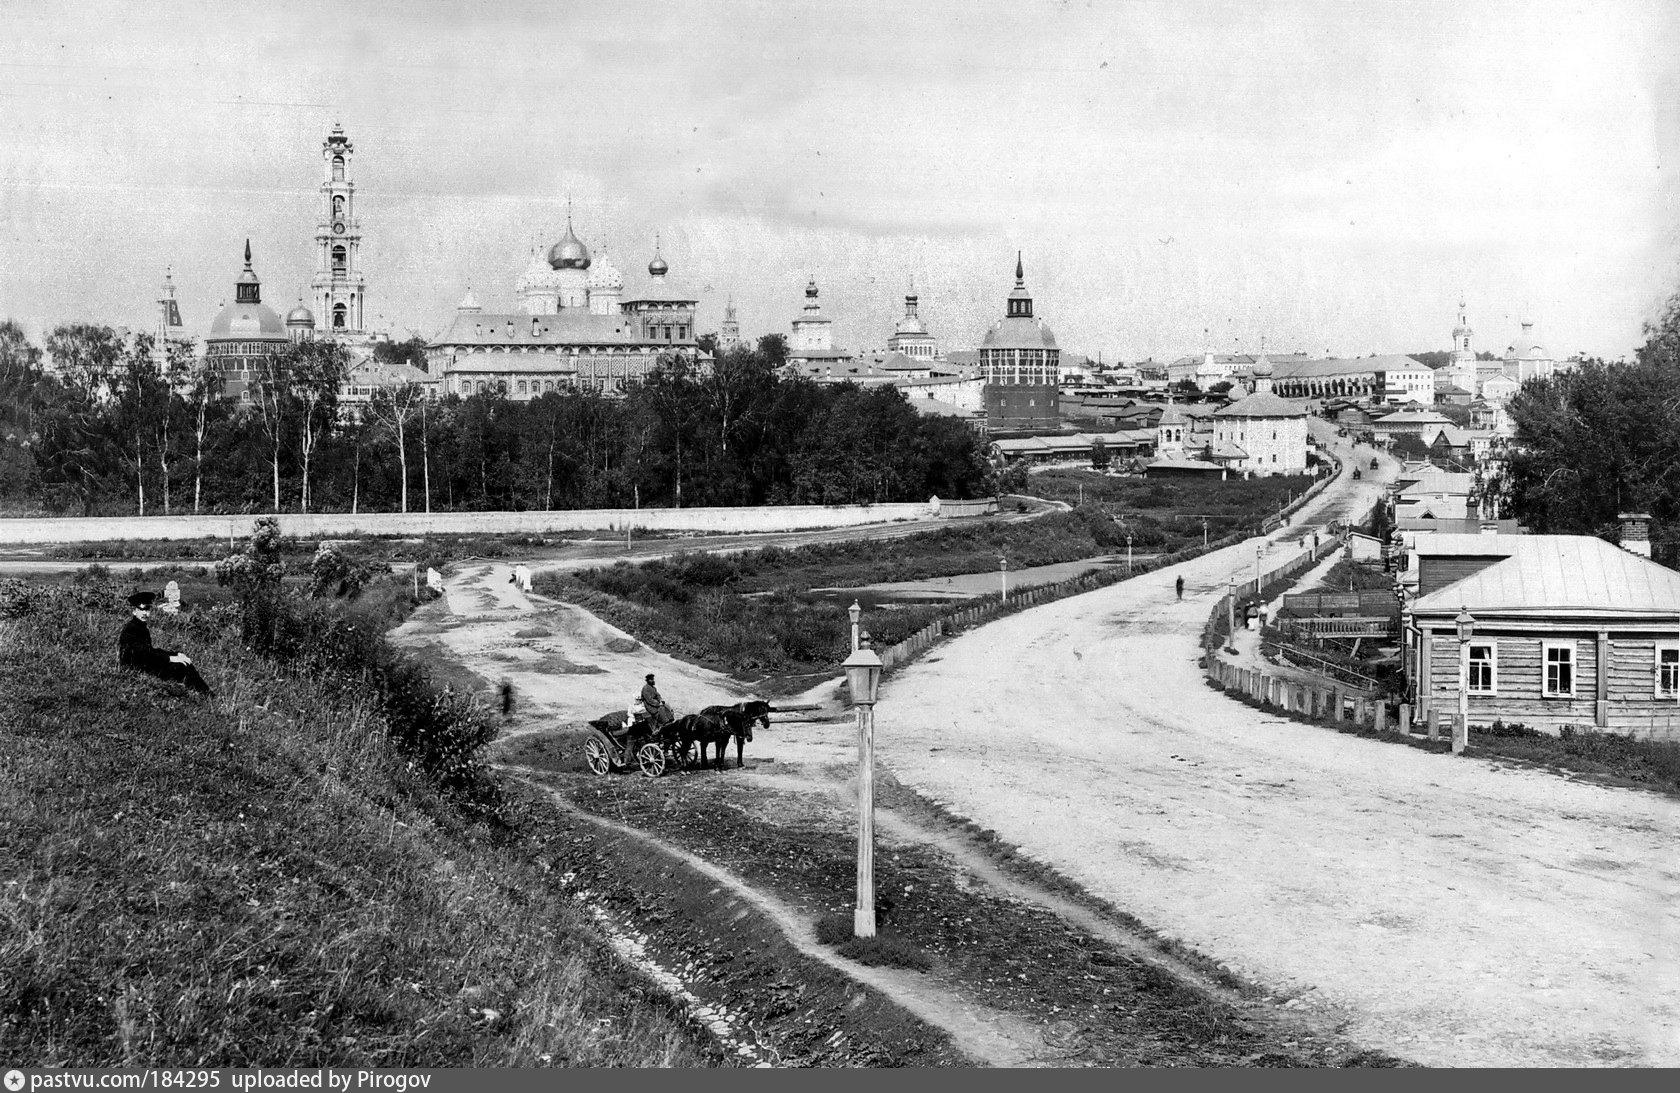 Сергиев Посад: история и современность